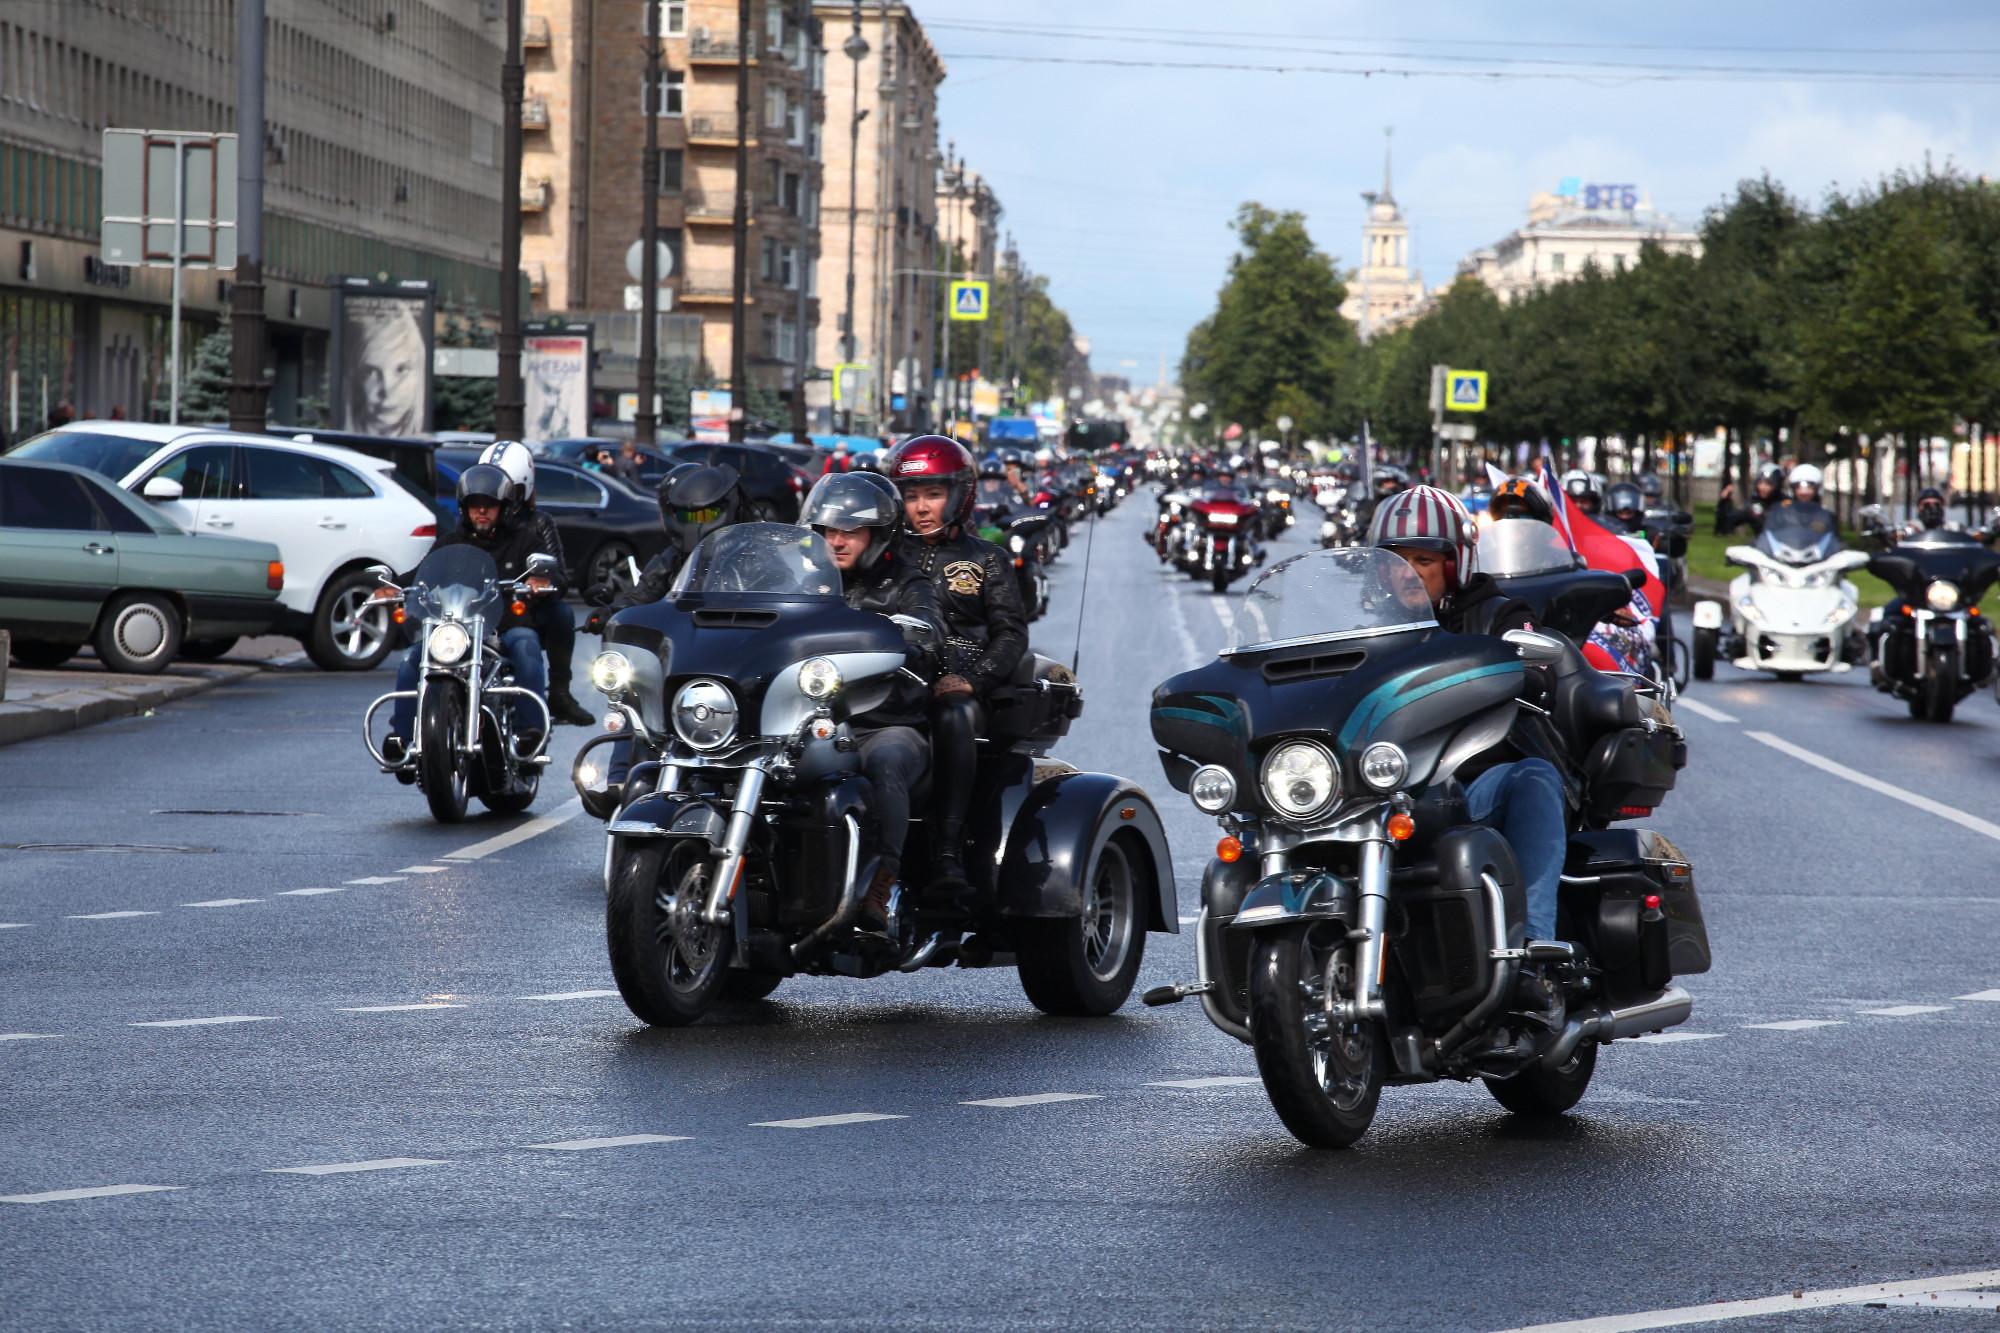 байкеры мотоциклисты фестиваль Harley Days Московский проспект